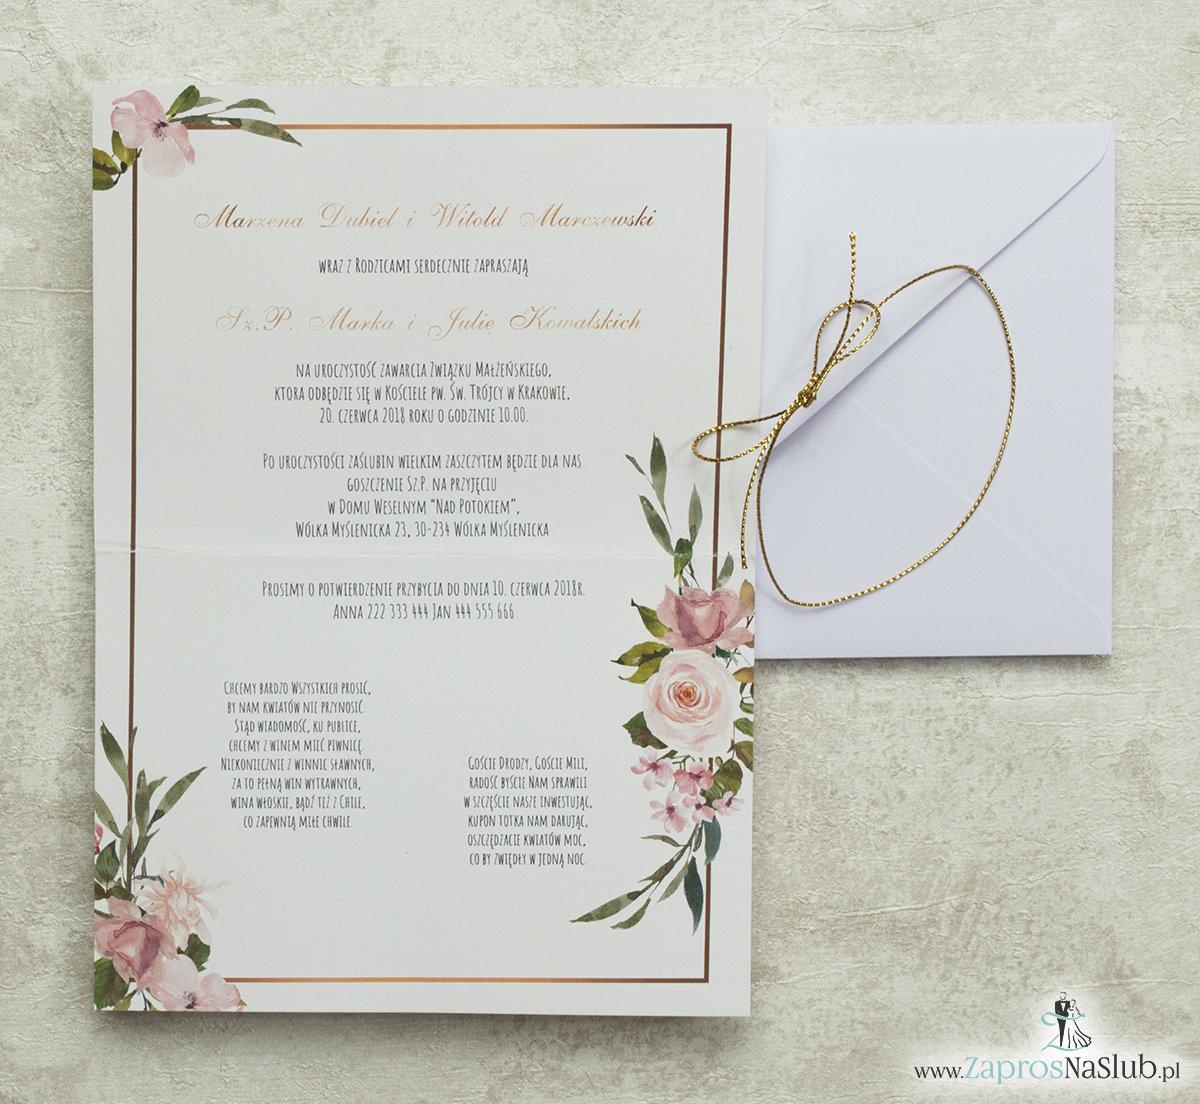 Geometryczne zaproszenia ślubne z różami, elipsami i złotym sznurkiem. ZAP-41-04